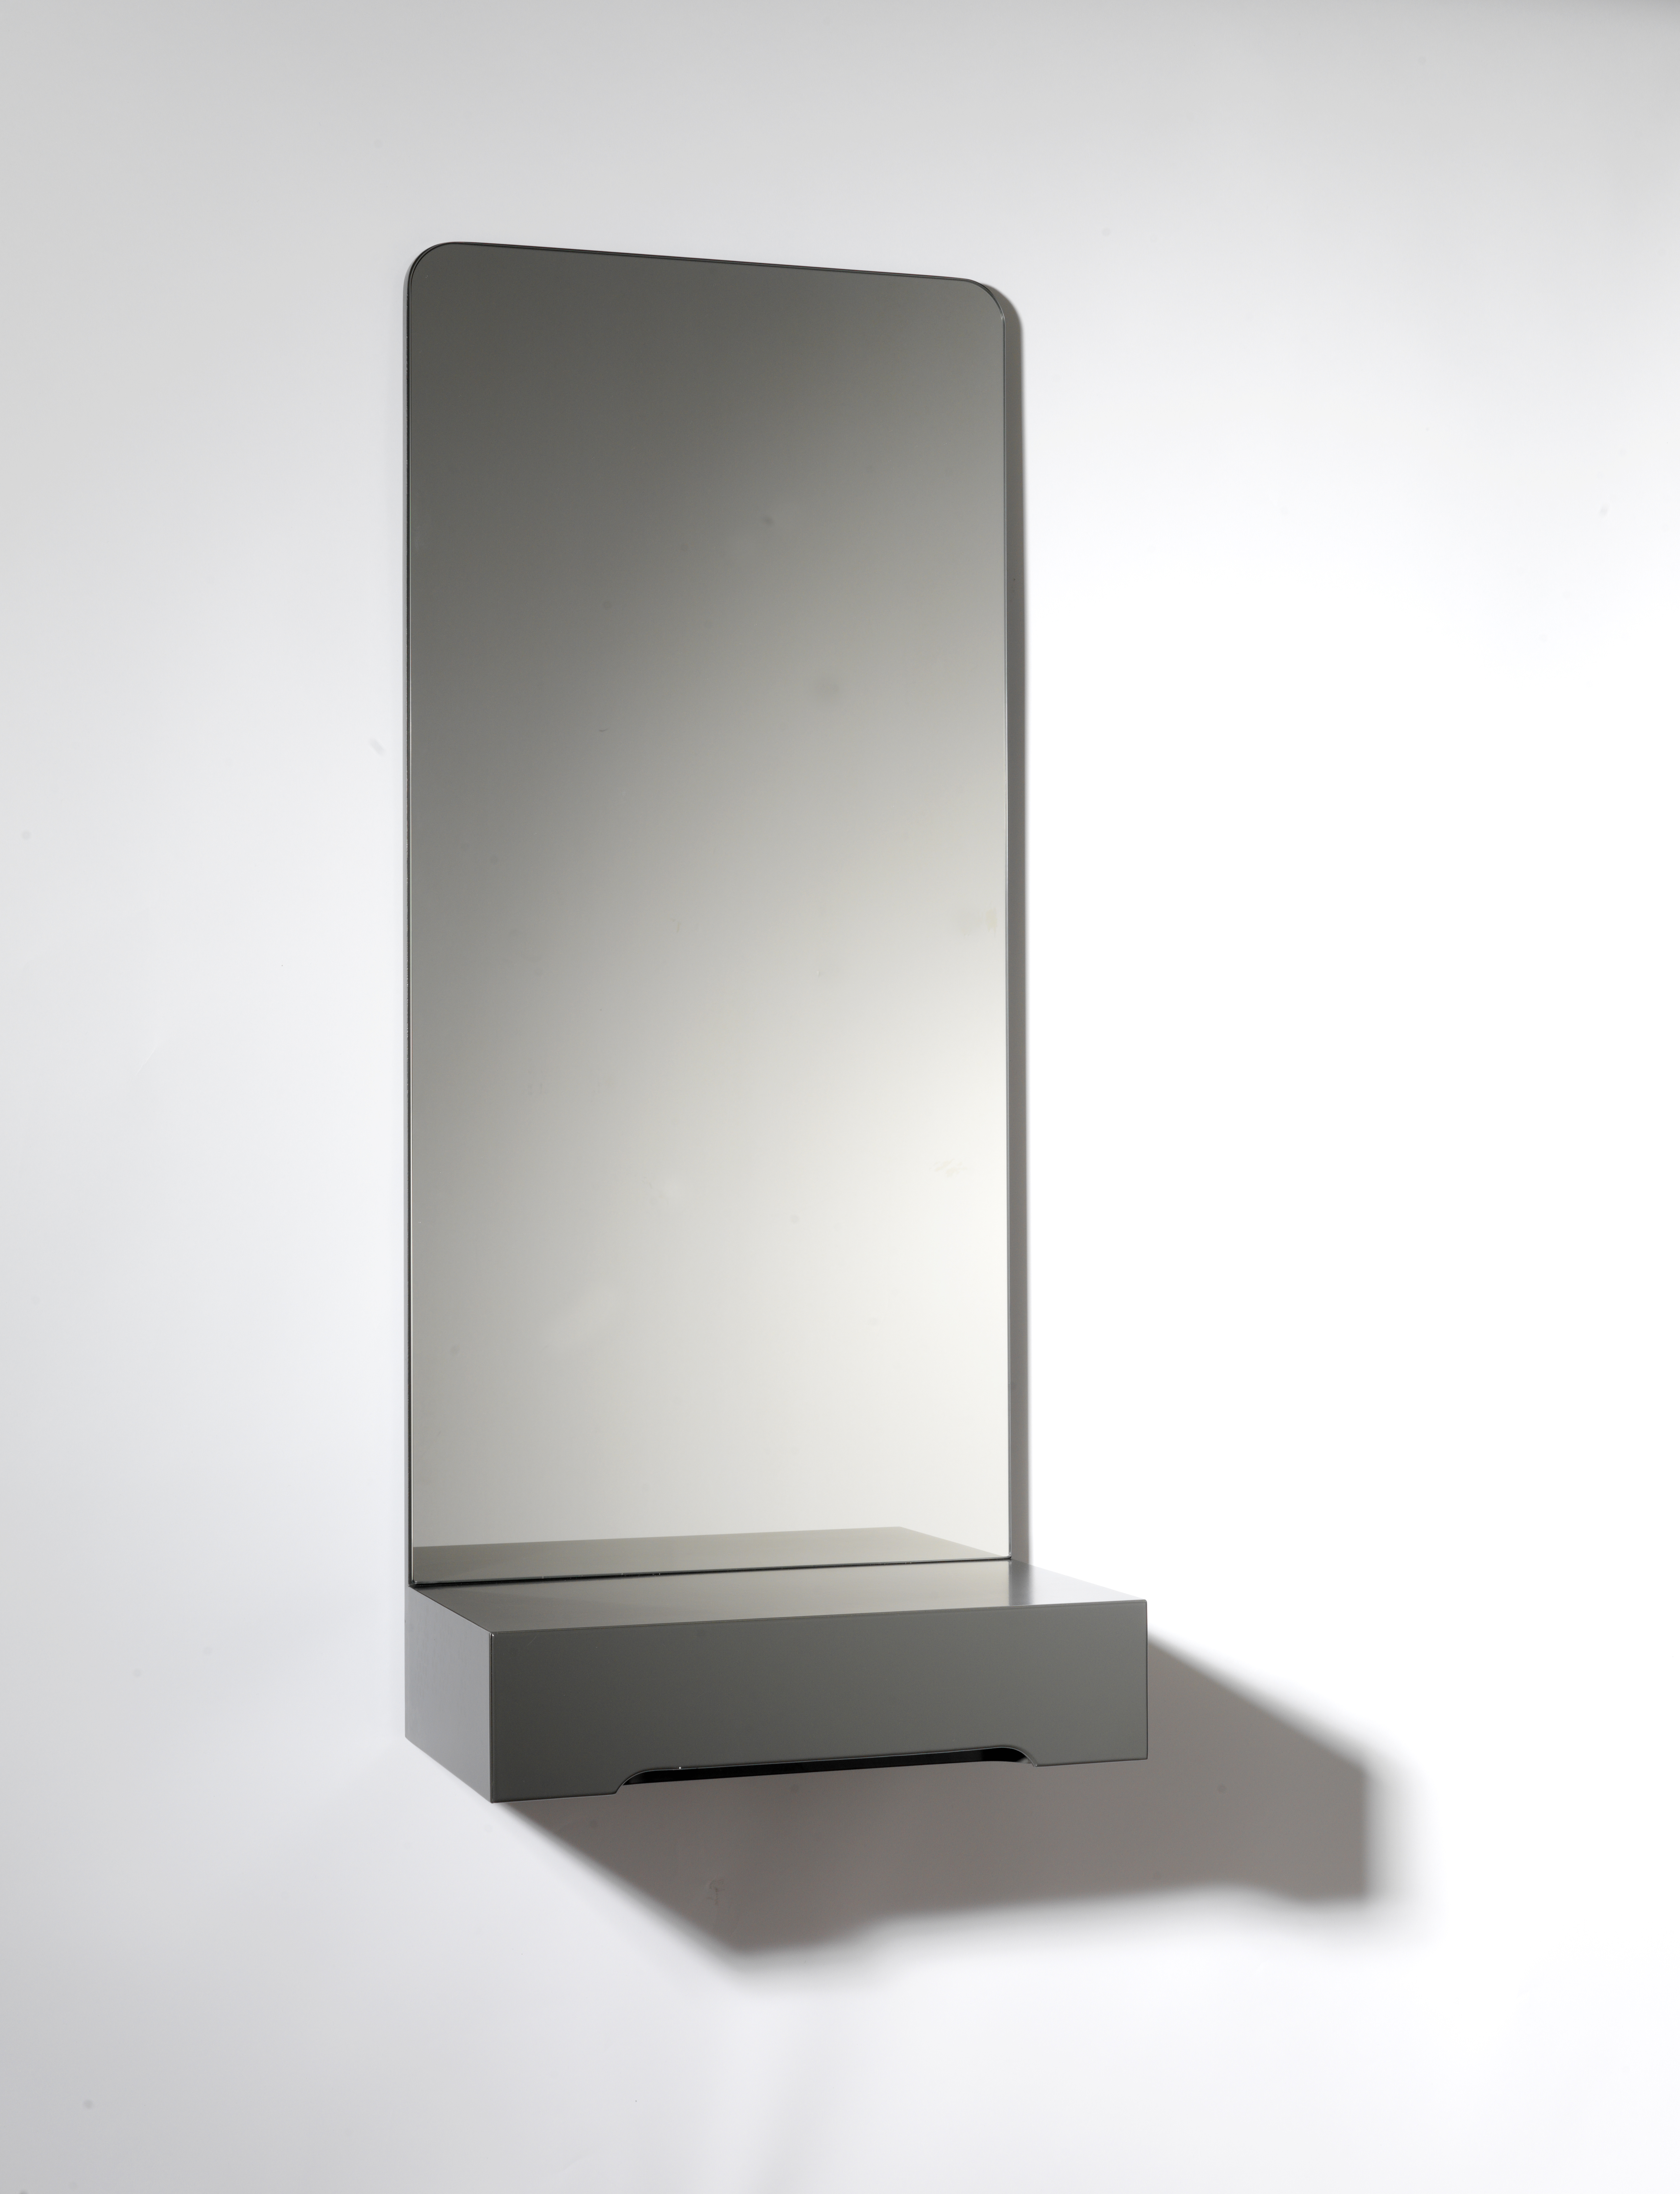 Prisma 50 spegel